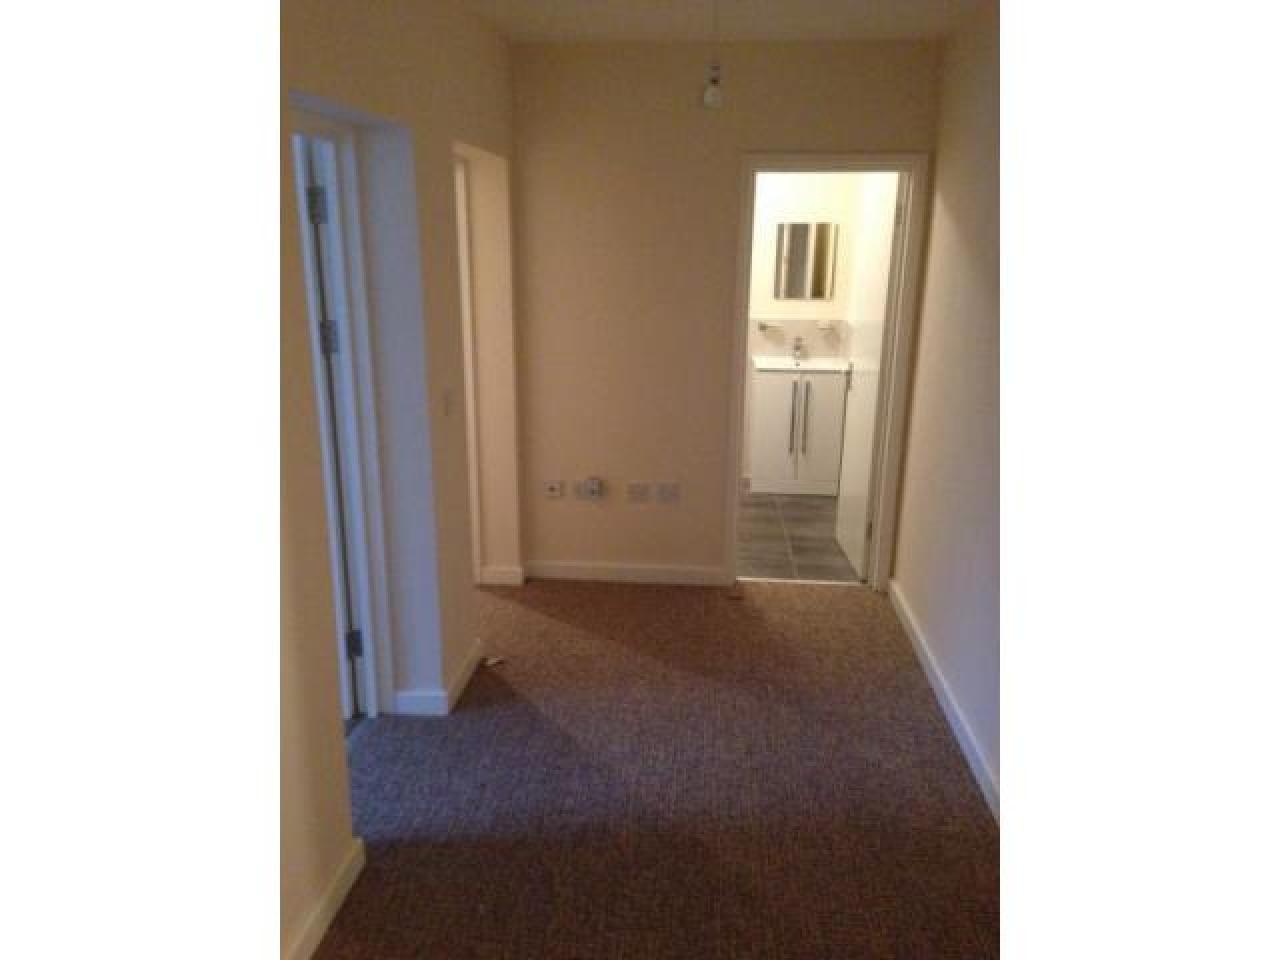 Сдаём 1-комнатную квартиру/студио, только после ремонта - 1